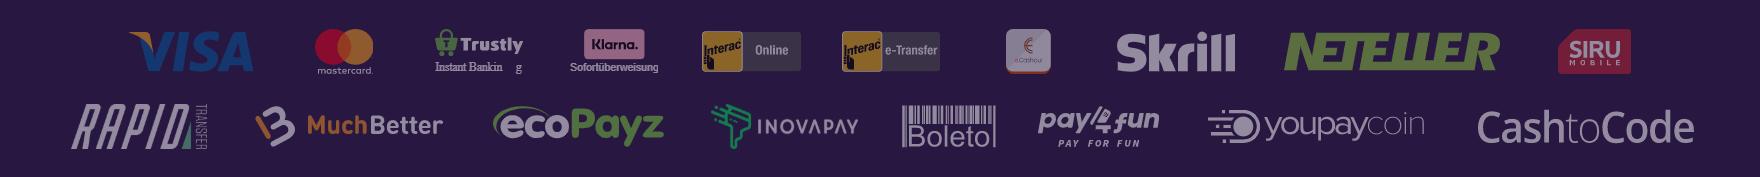 betzest banking